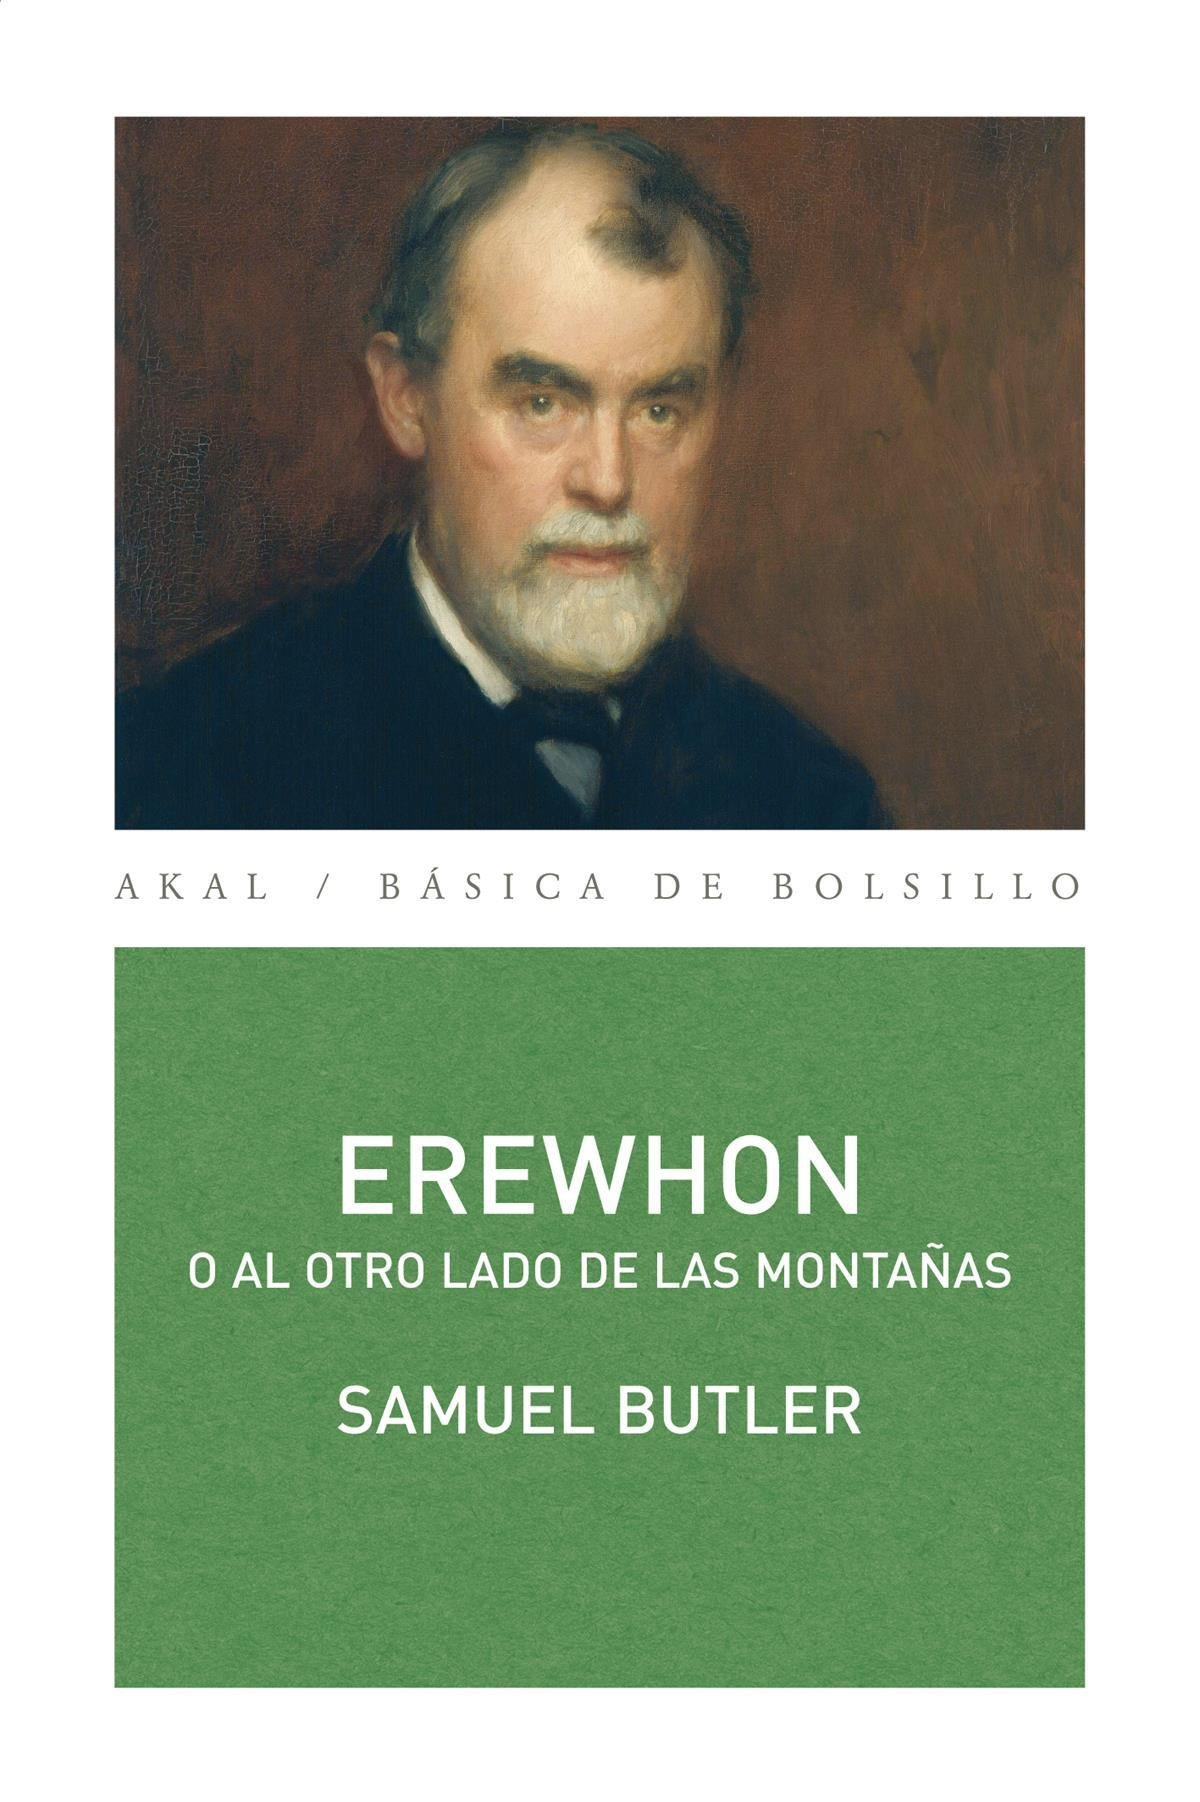 Erewhon: O al otro lado de las montañas (Básica de Bolsillo) Tapa blanda – 19 mar 2012 Samuel Butler Andrés Cotarelo Jiménez Ediciones Akal S.A.